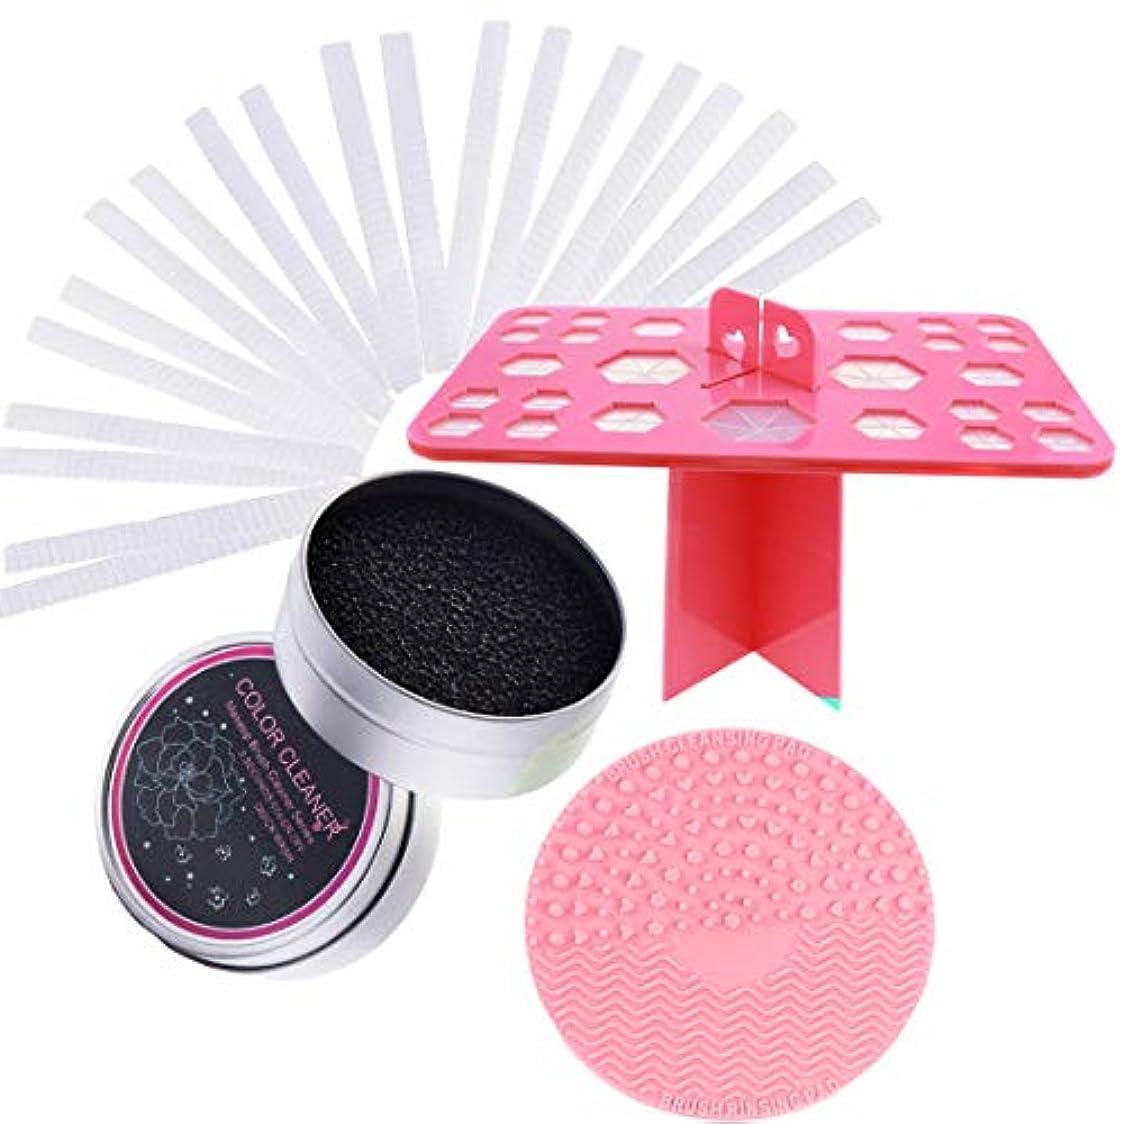 25本組化粧筆を干すメイクブラシホルダー 迅速なクリーニングスポンジ シリコンメイクブラシクリーニングマット20メイクブラシメッシュシース